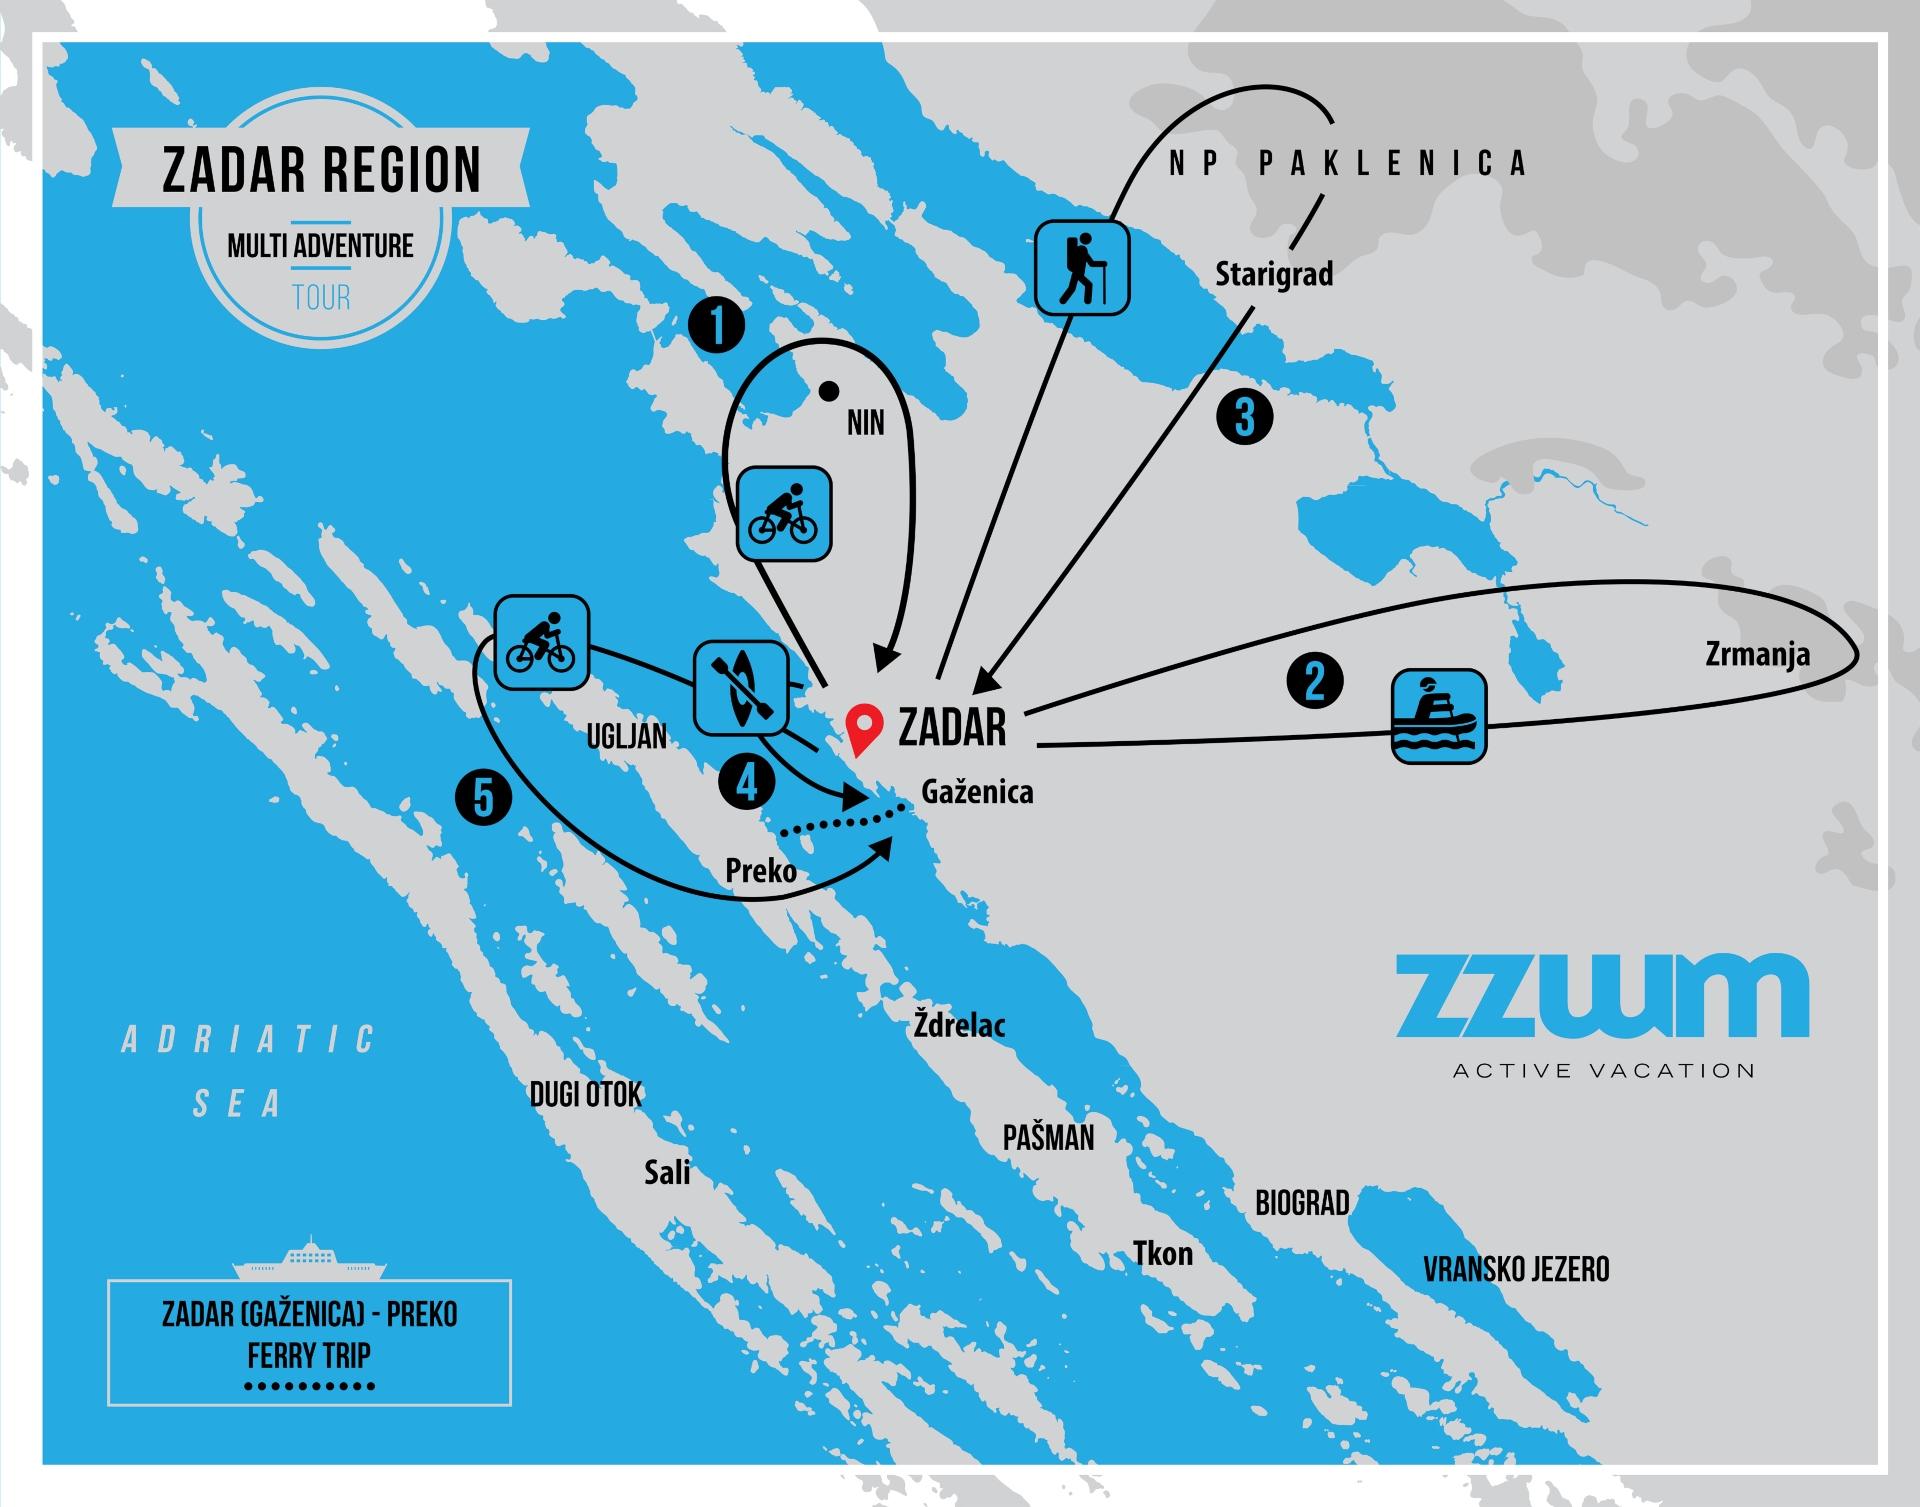 MAP OF MULTI ADVENTURE TOUR